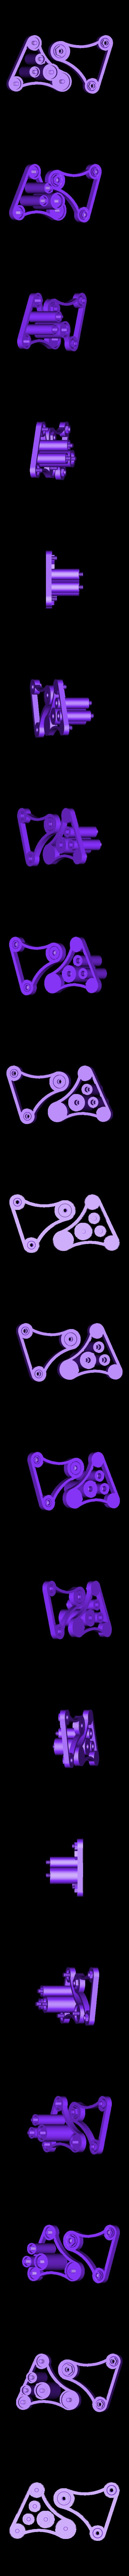 PLA_Spool_Holder.stl Télécharger fichier STL gratuit Porte-bobine universel - Ancienne version • Design à imprimer en 3D, Balkhagal4D